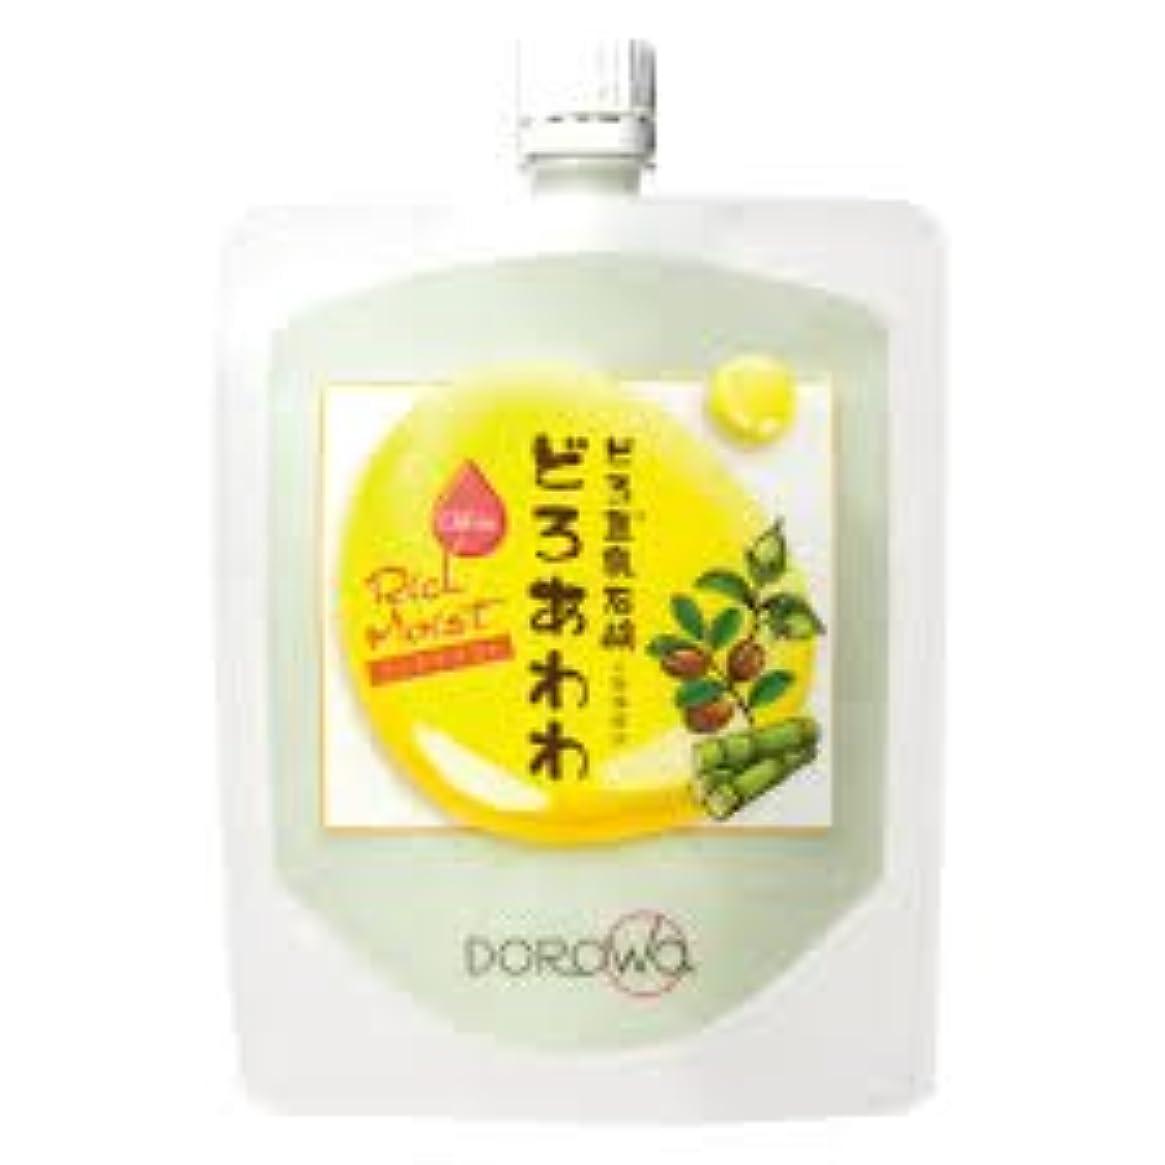 ピボット欠席パブ【DOROwa(ドロワ)】どろ豆乳石鹸 どろあわわ〈リッチモイスト〉